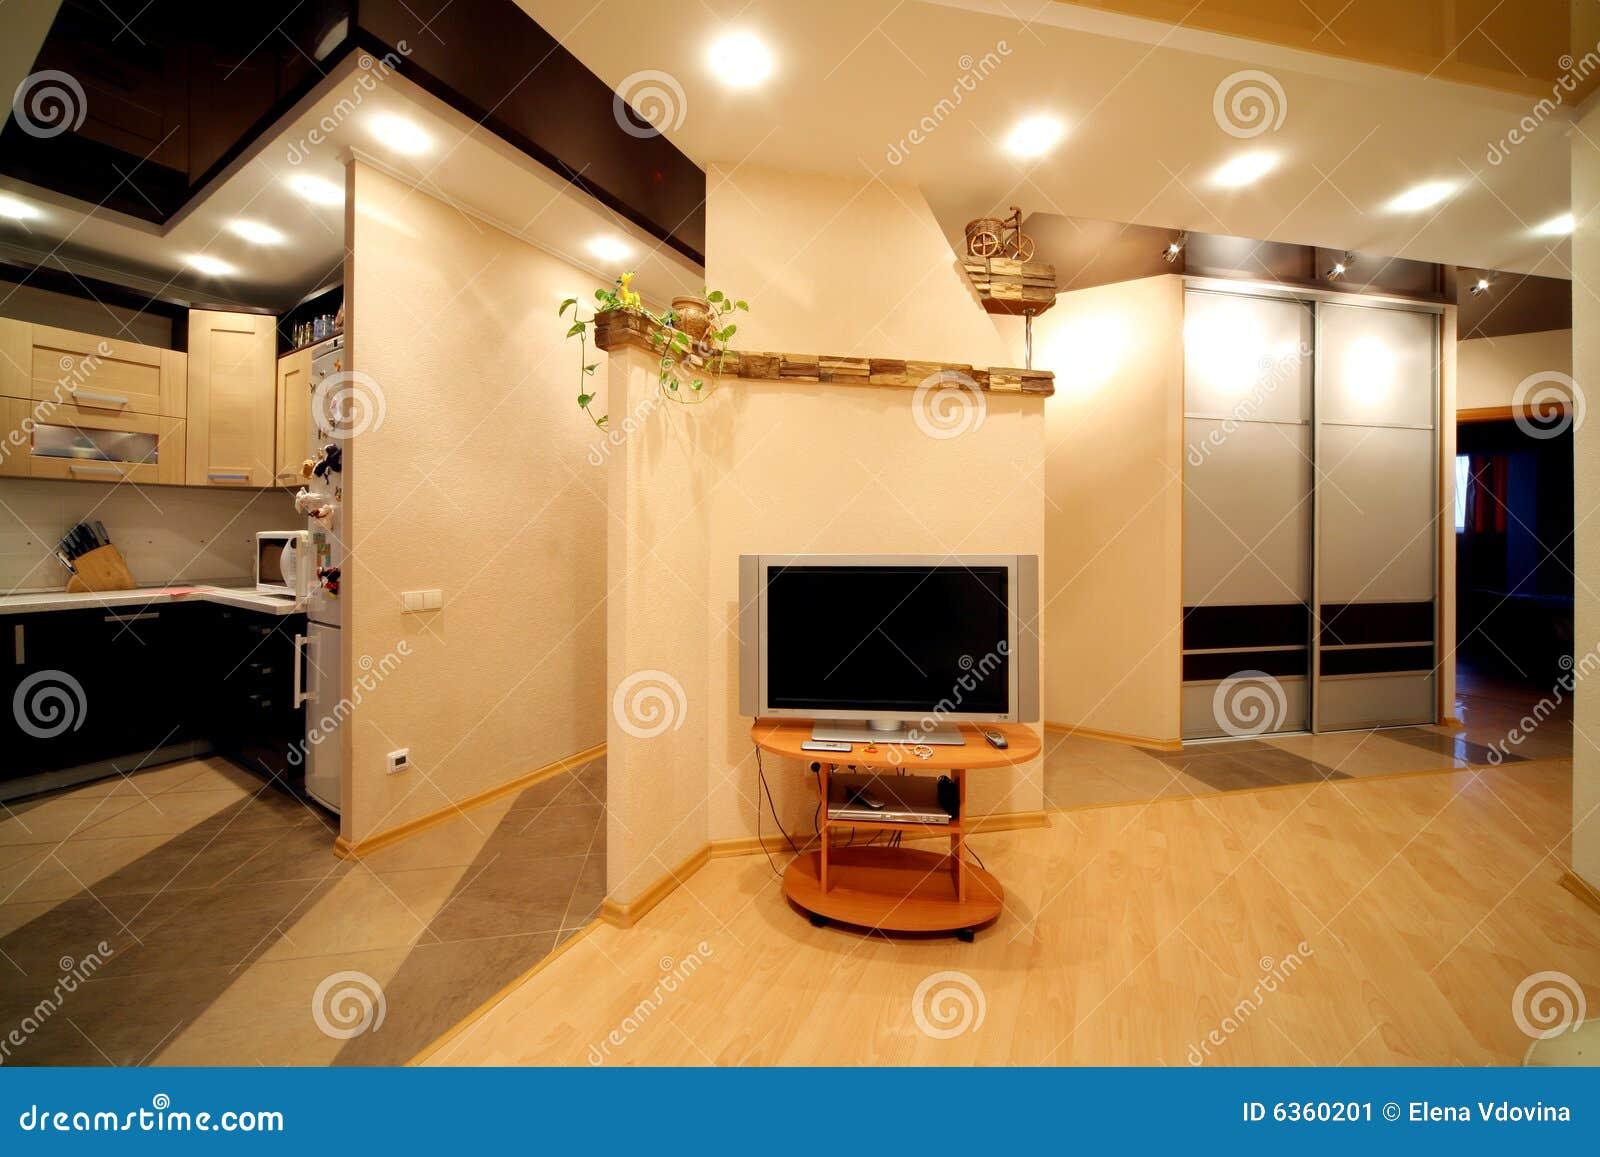 idee salone e cucina ~ trova le migliori idee per mobili e interni ... - Salone Cucina